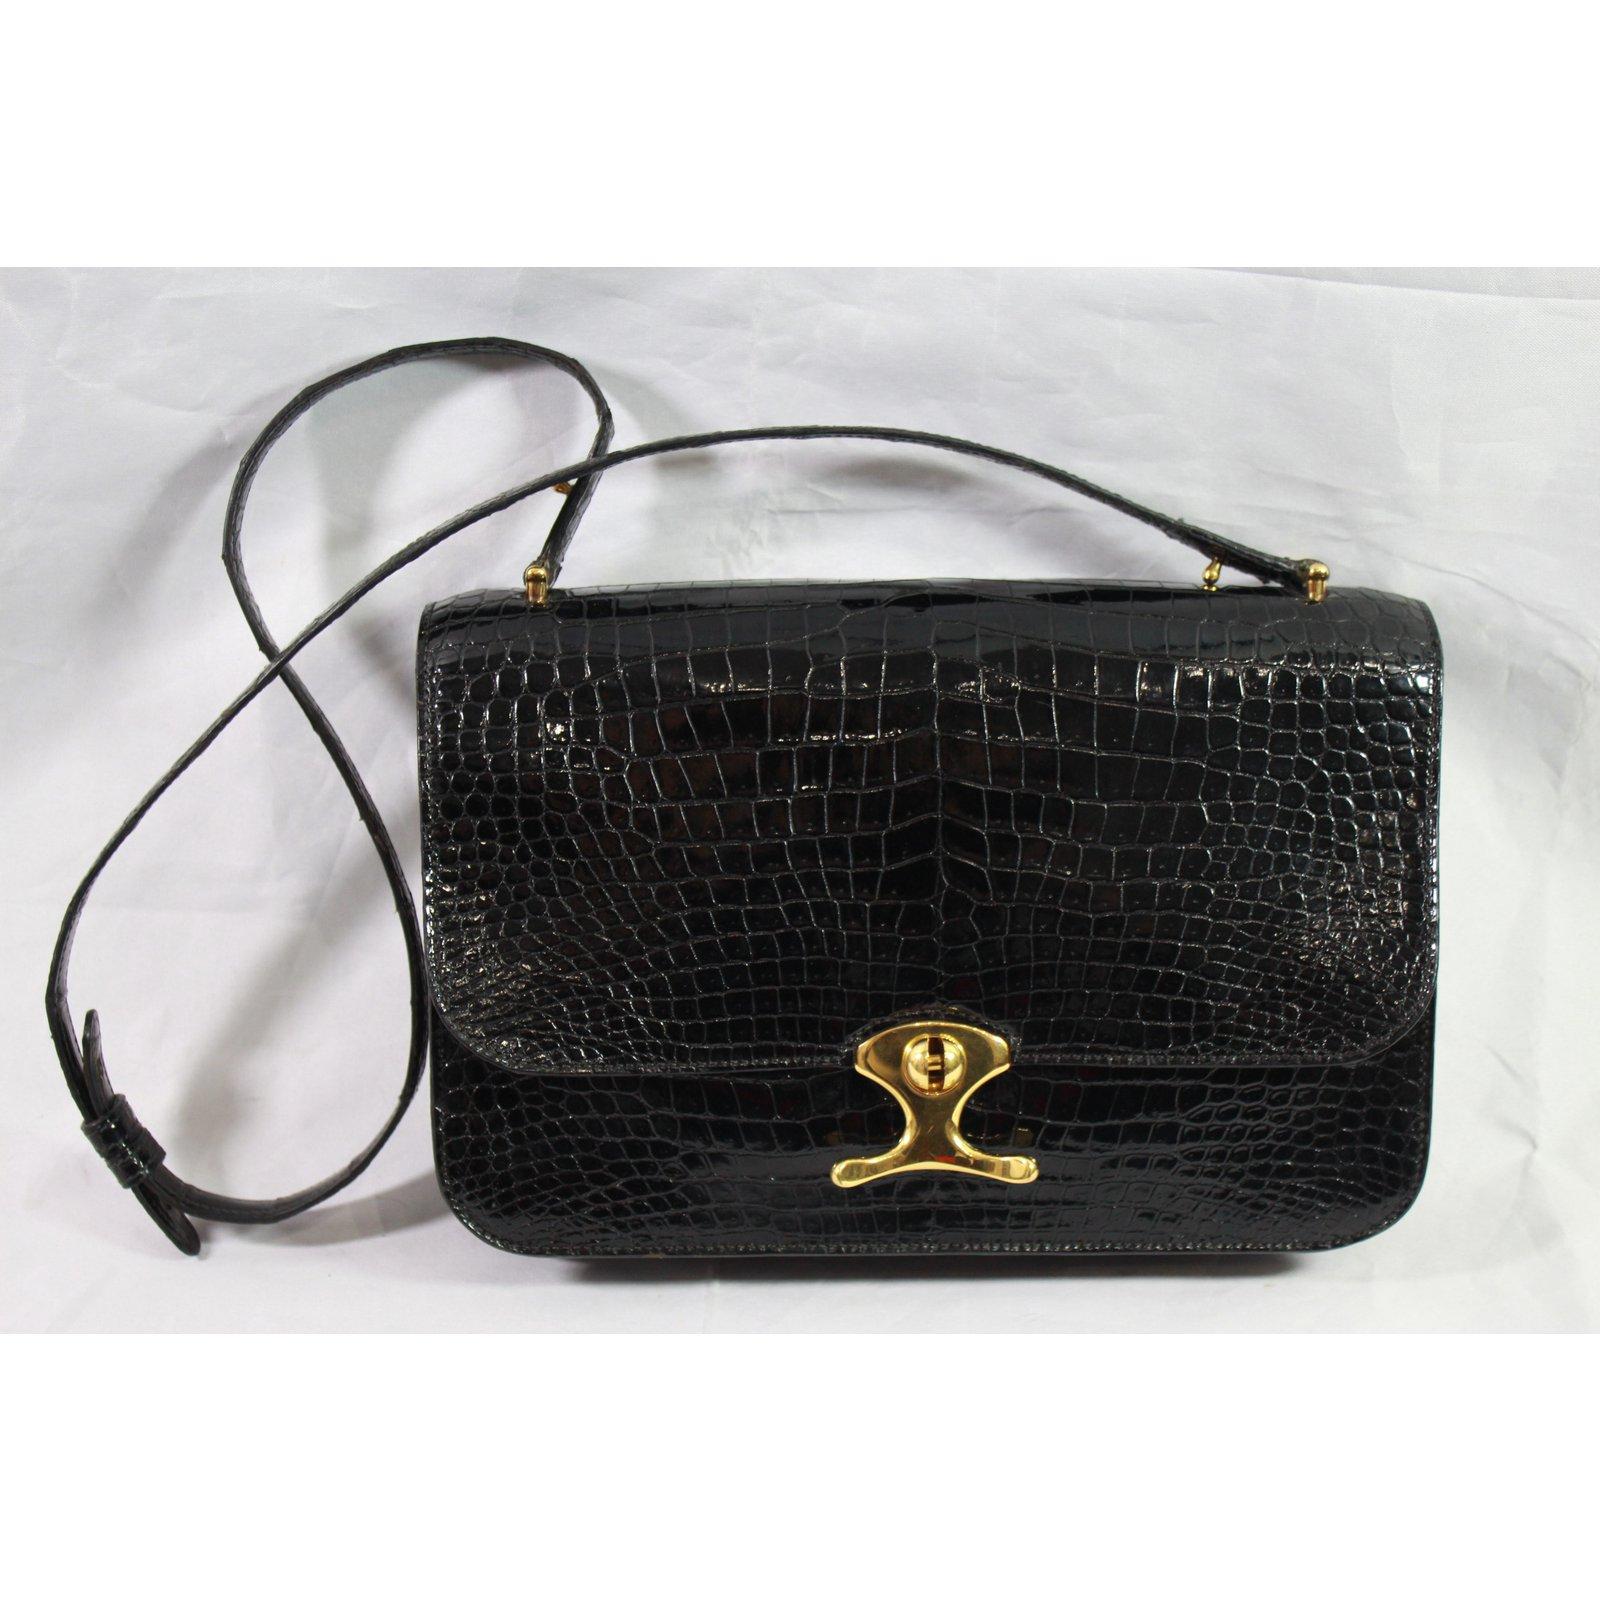 75a99b580e79 Sacs à main Hermès Porté épaule Cuirs exotiques Noir ref.98225 ...